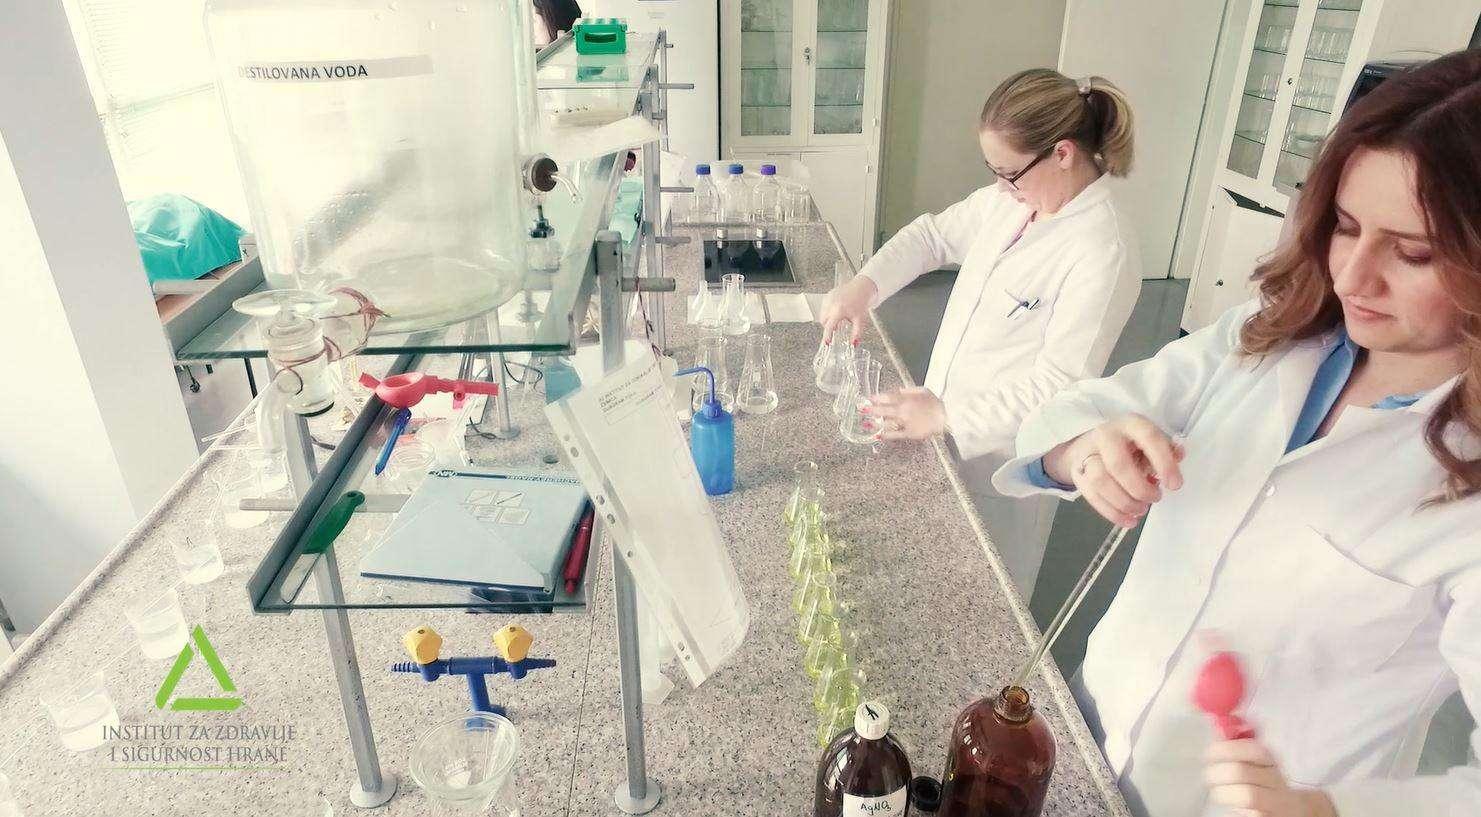 Poražavajući rezultati analiza vode: Svaki četvrti uzorak vode u školama u ZDK mikrobiološki nezadovoljavajući